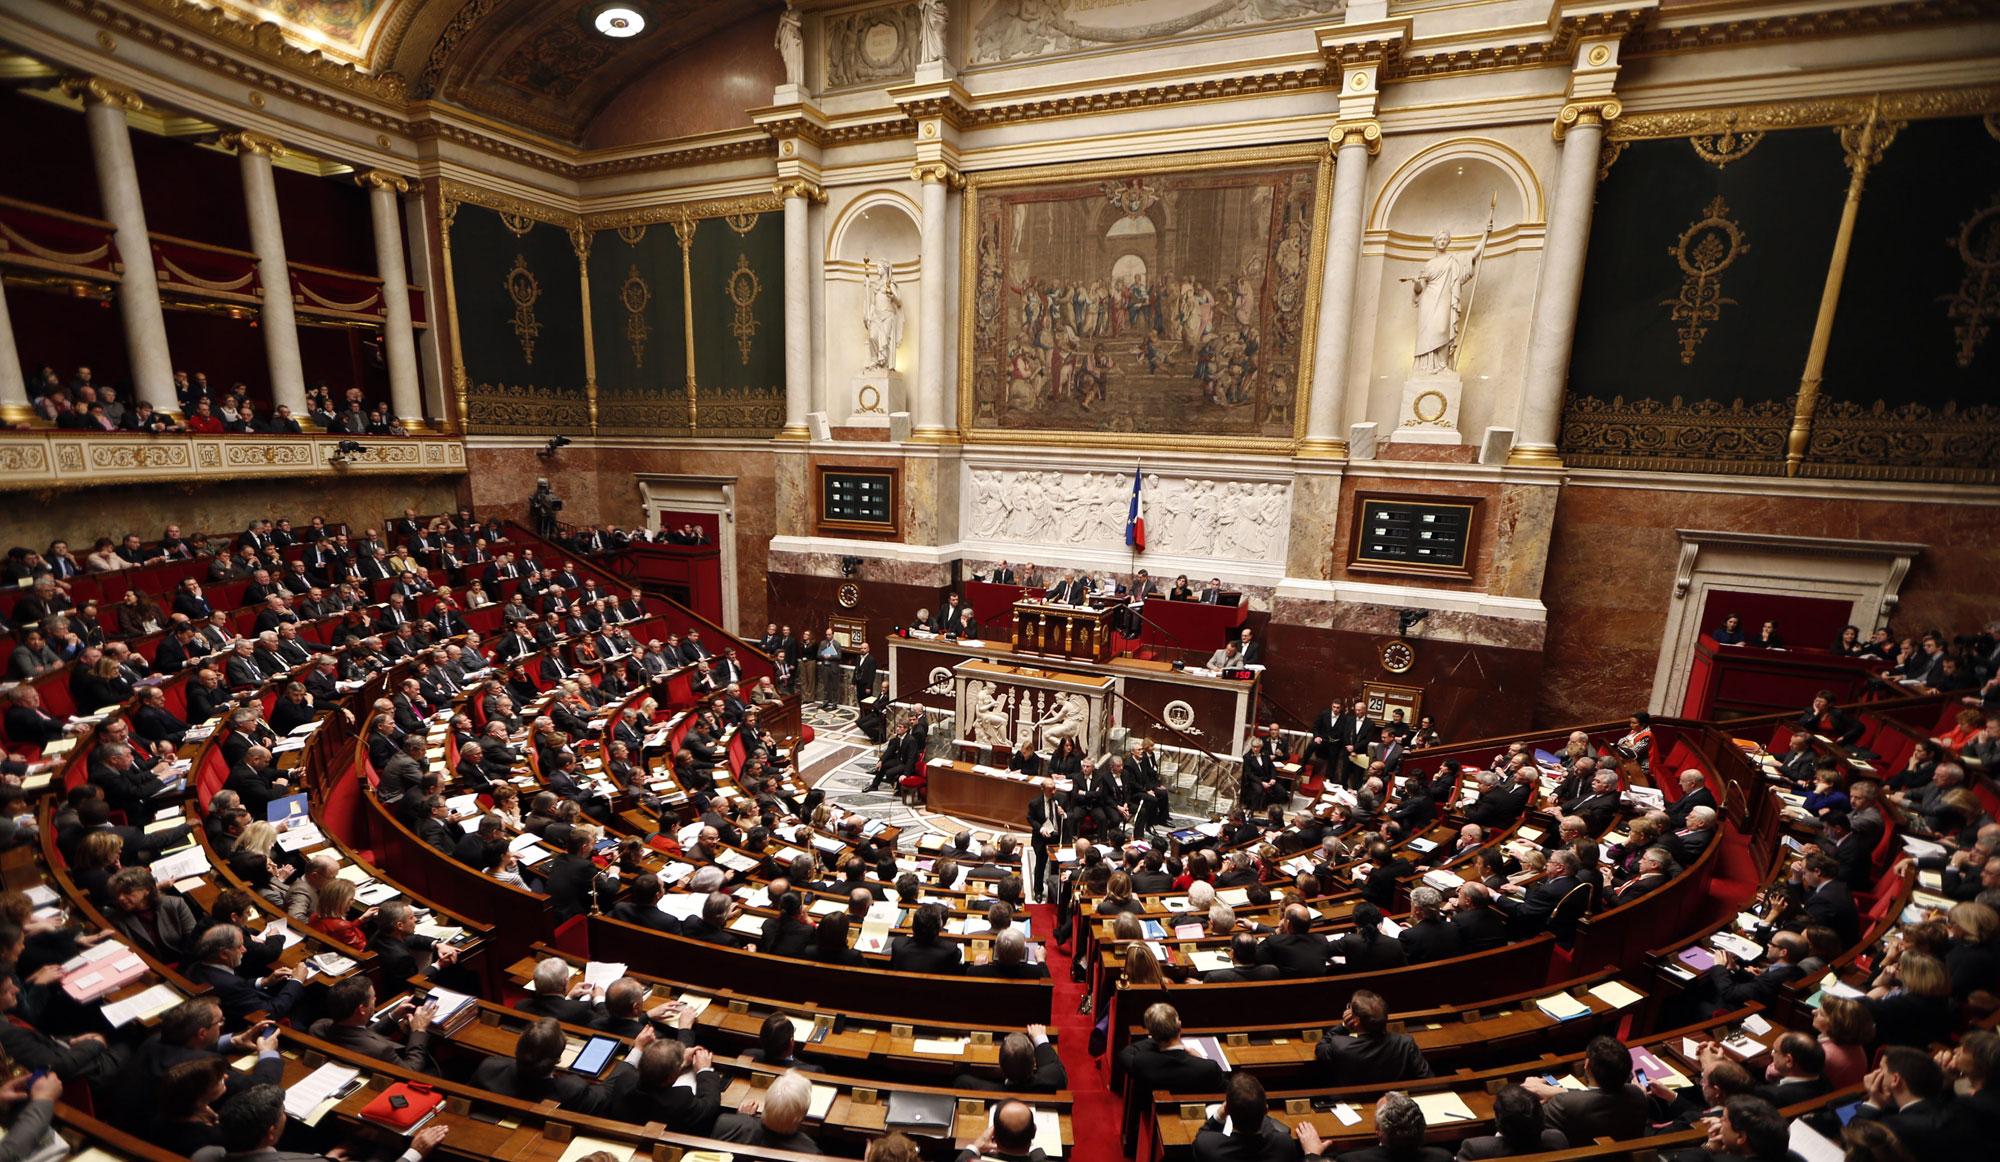 L'Assemblée nationale adopte le budget de la Nation pour 2018